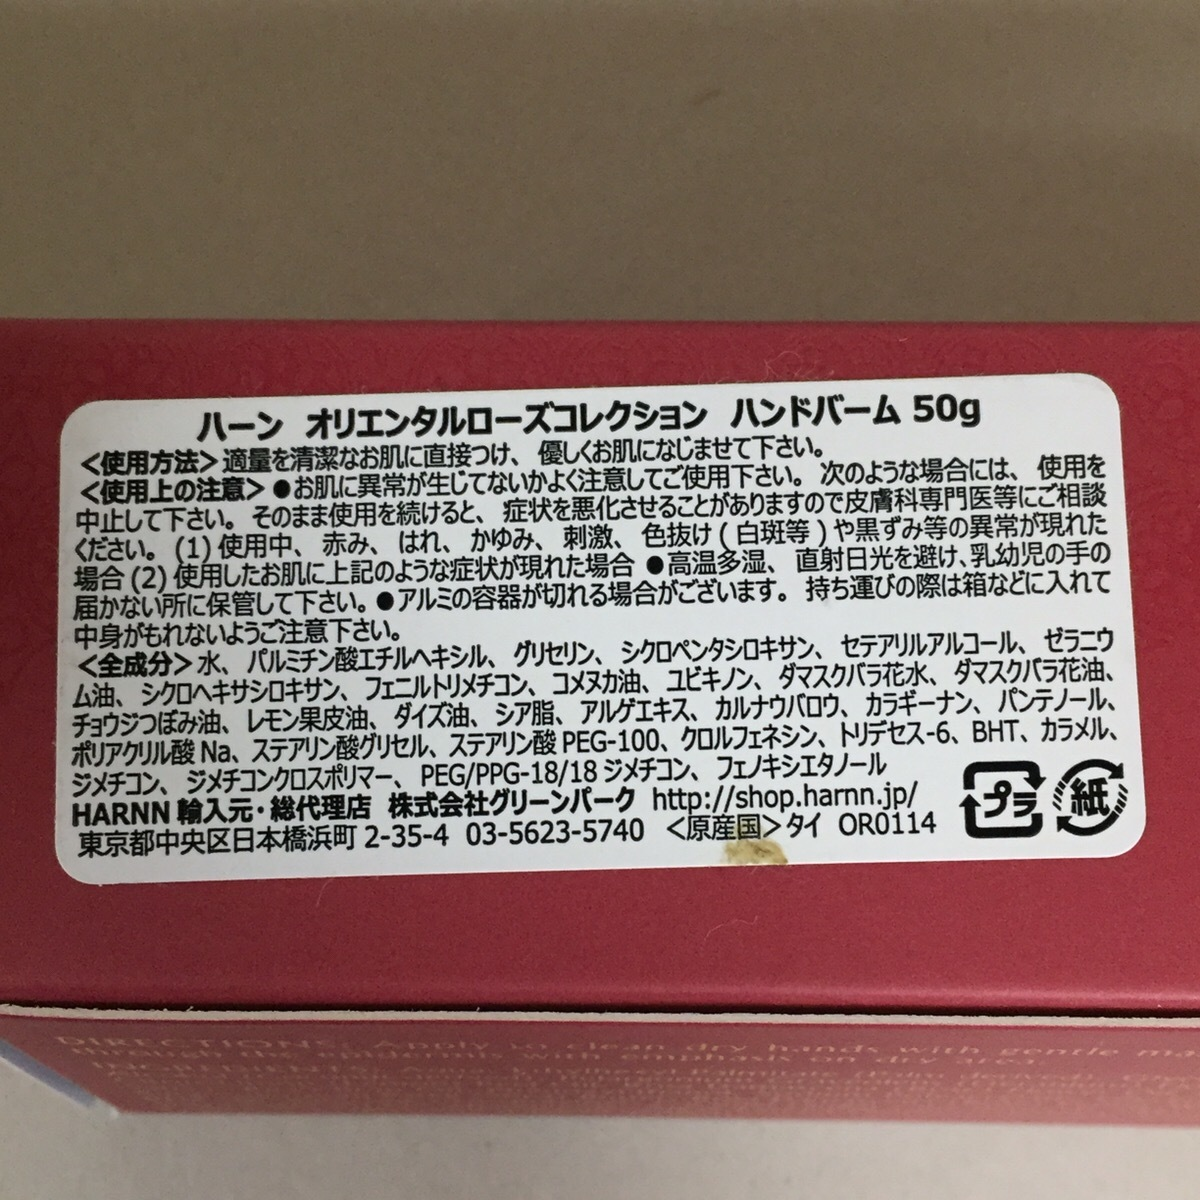 HARNN ハーン 化粧品 訳あり 18点セット 化粧水 ボディーオイルスプレー モイスチャライザーハンドクリーム コンディショナー デイクリーム_画像10